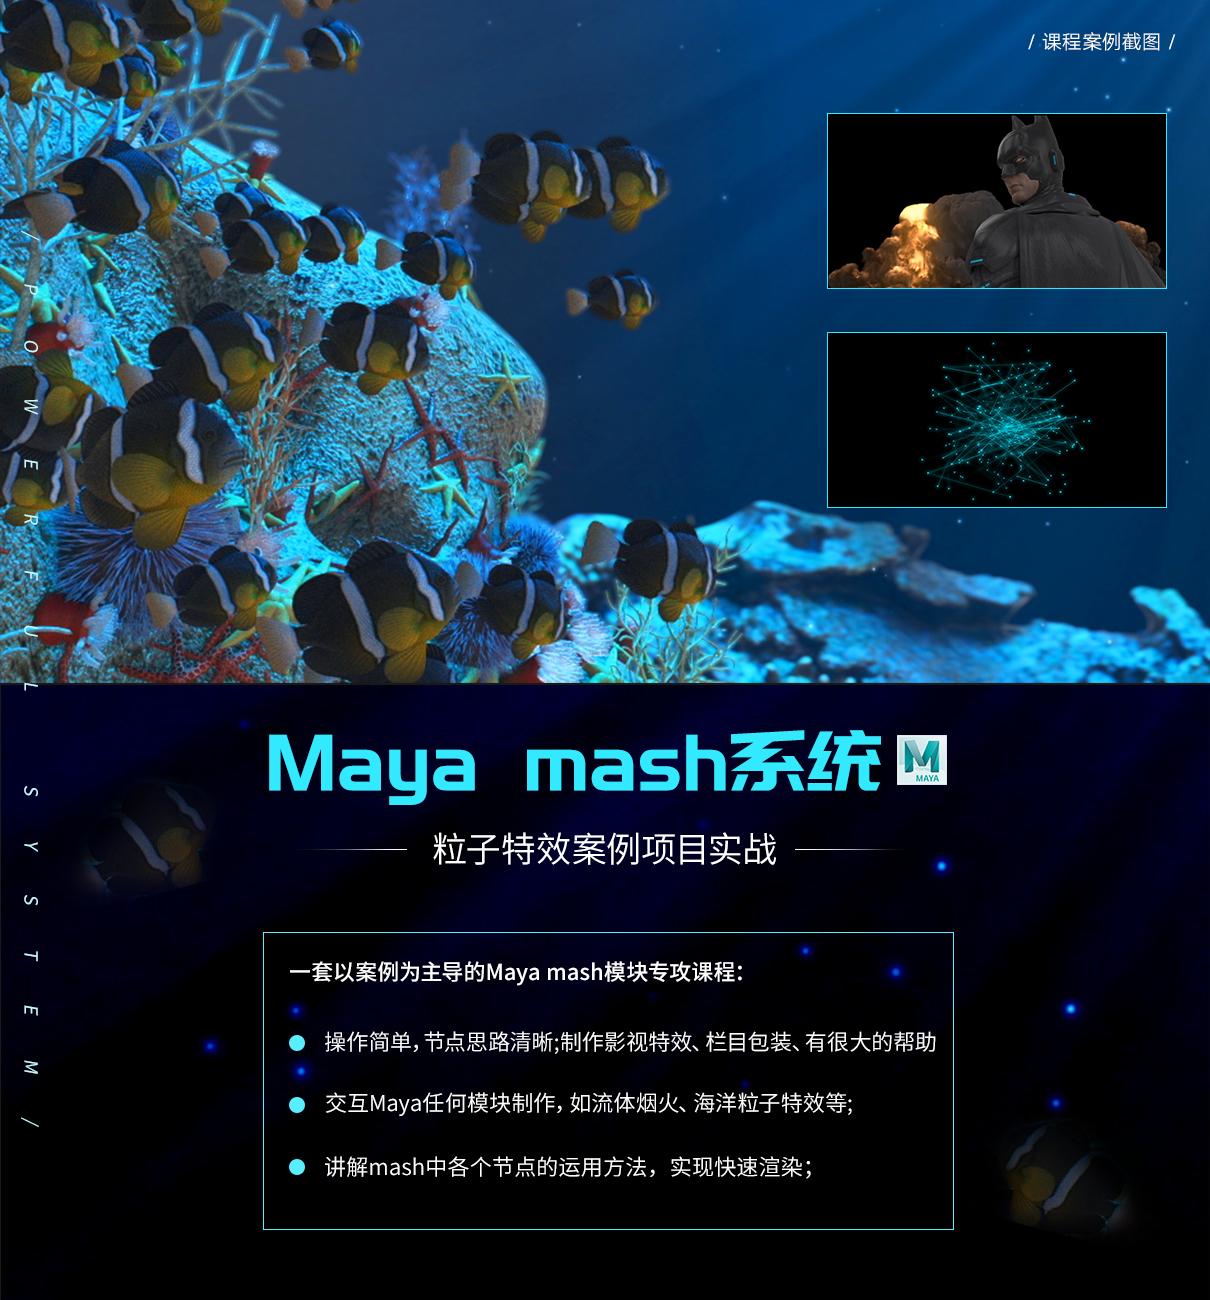 Maya-Mash寶典—海報圖.jpg